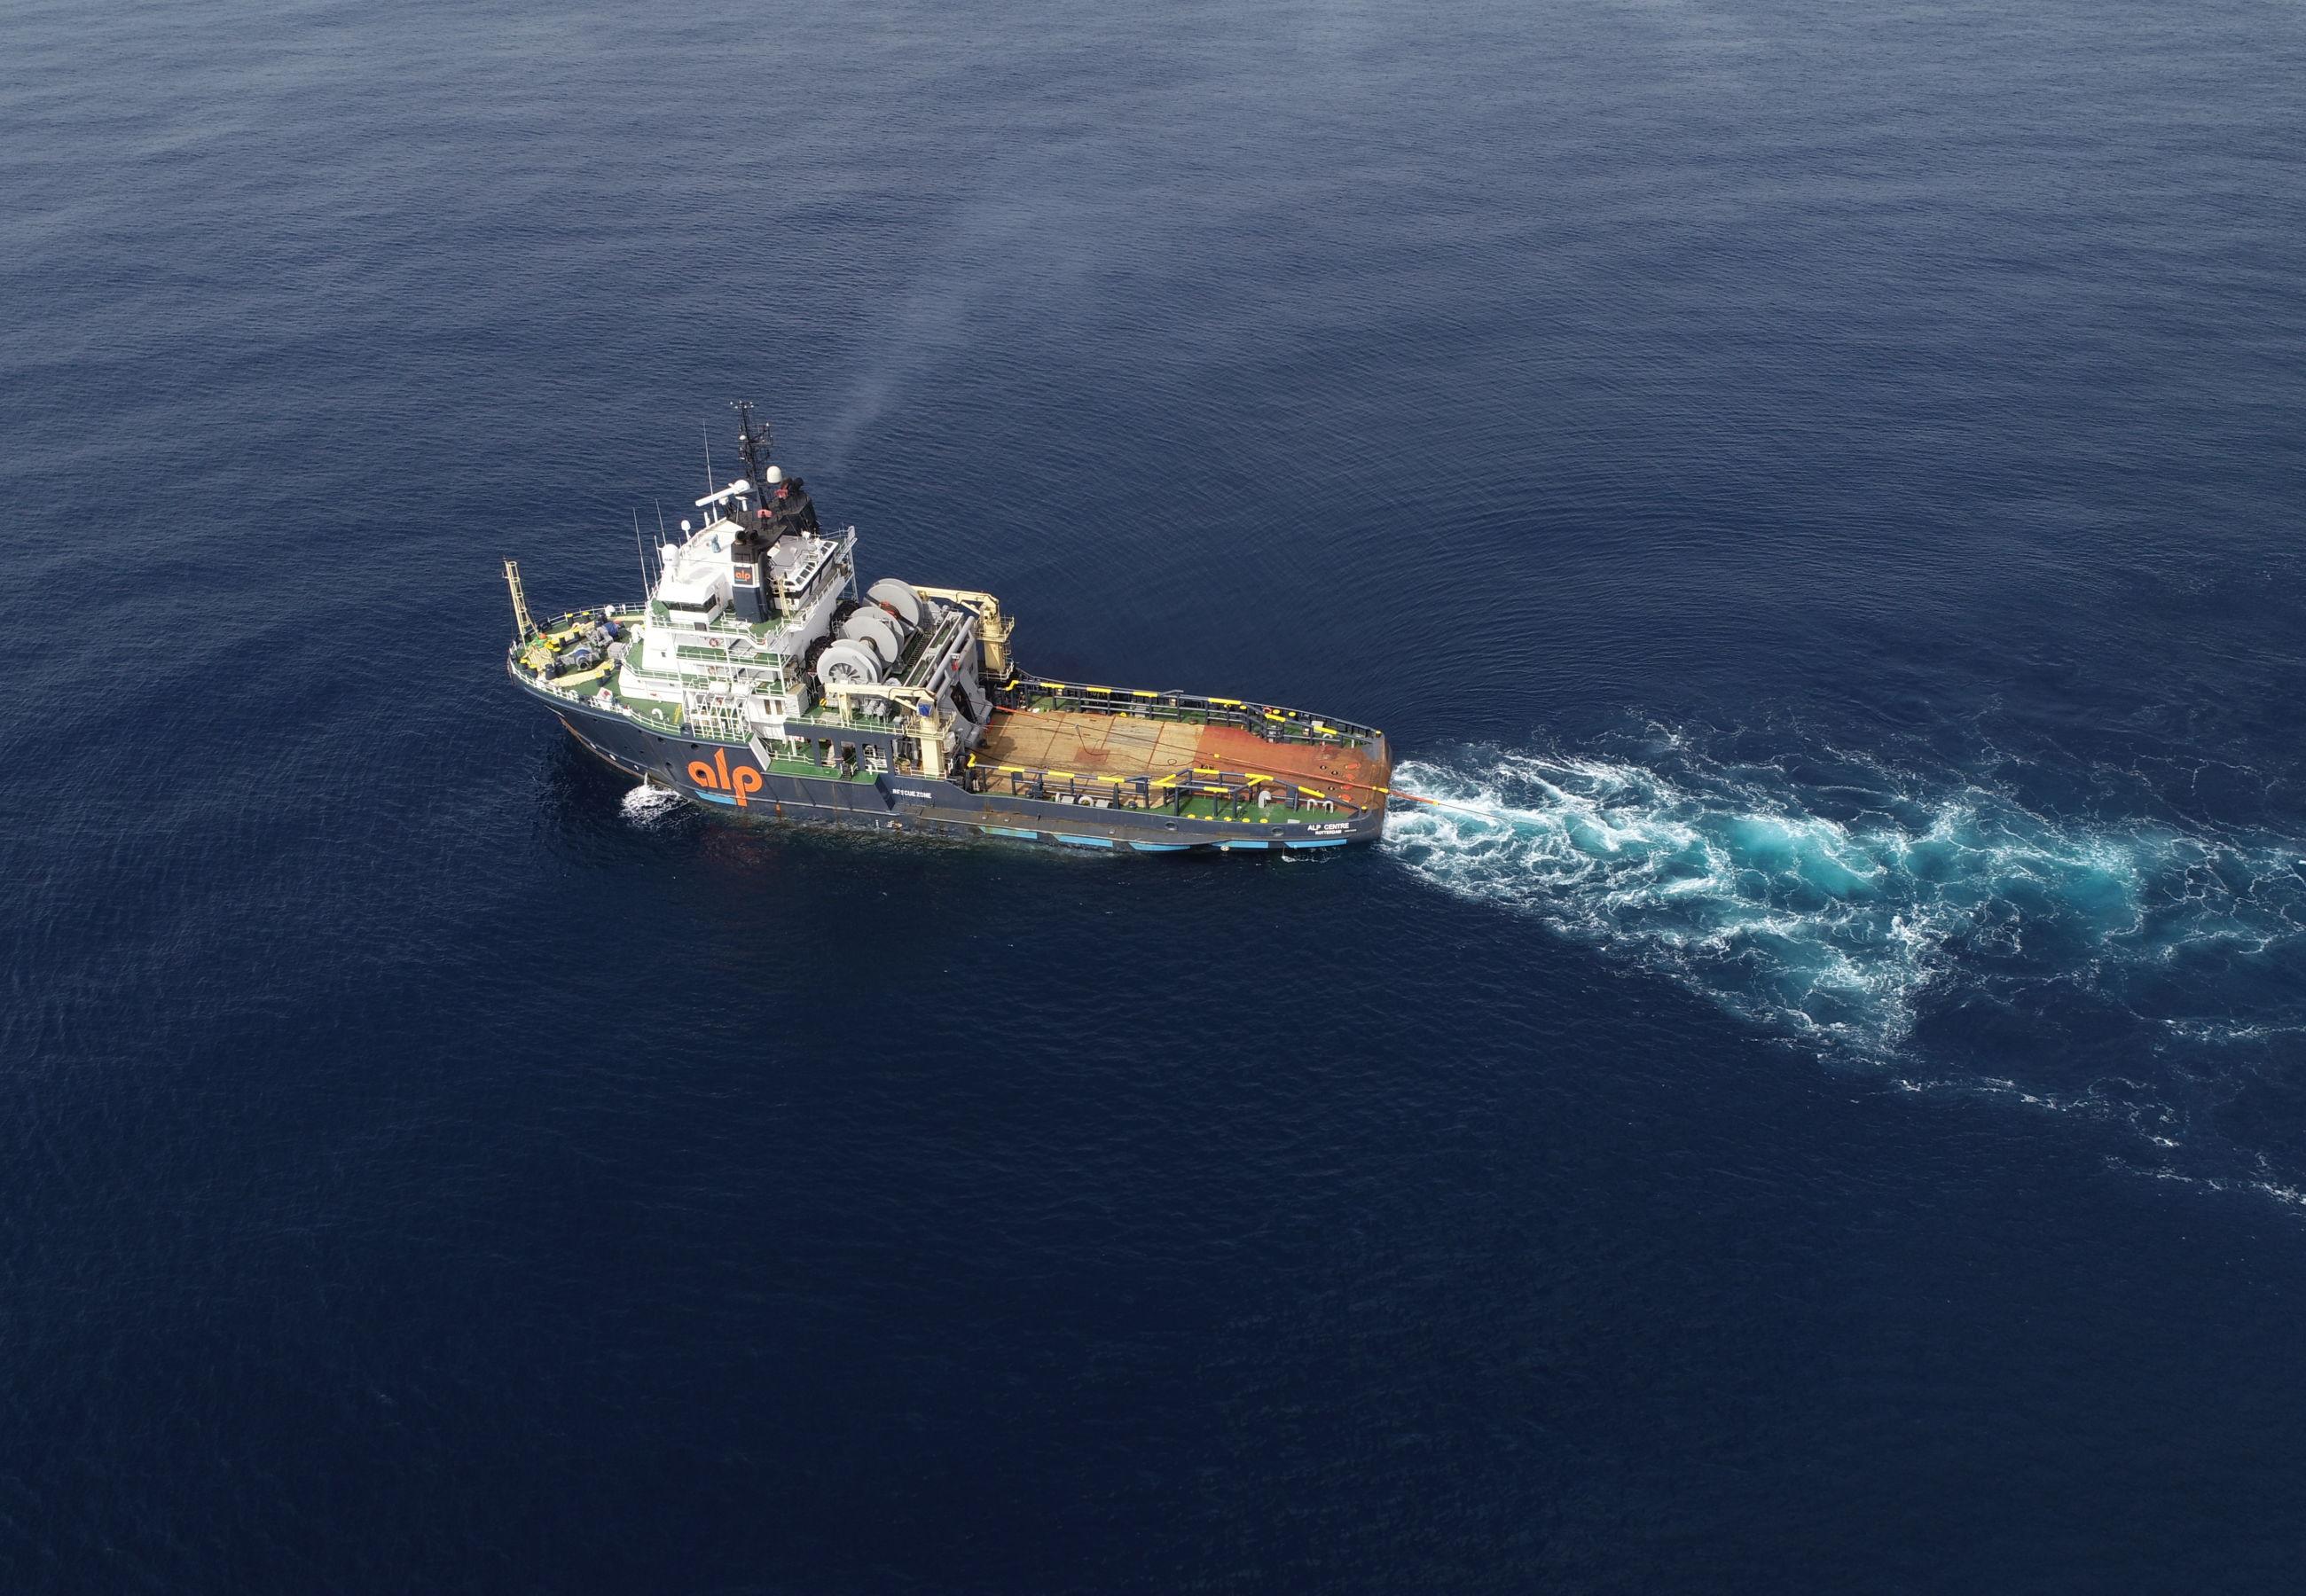 Alp Centre Keeper Jubilee Fpso Subsea 7 Ghana 2